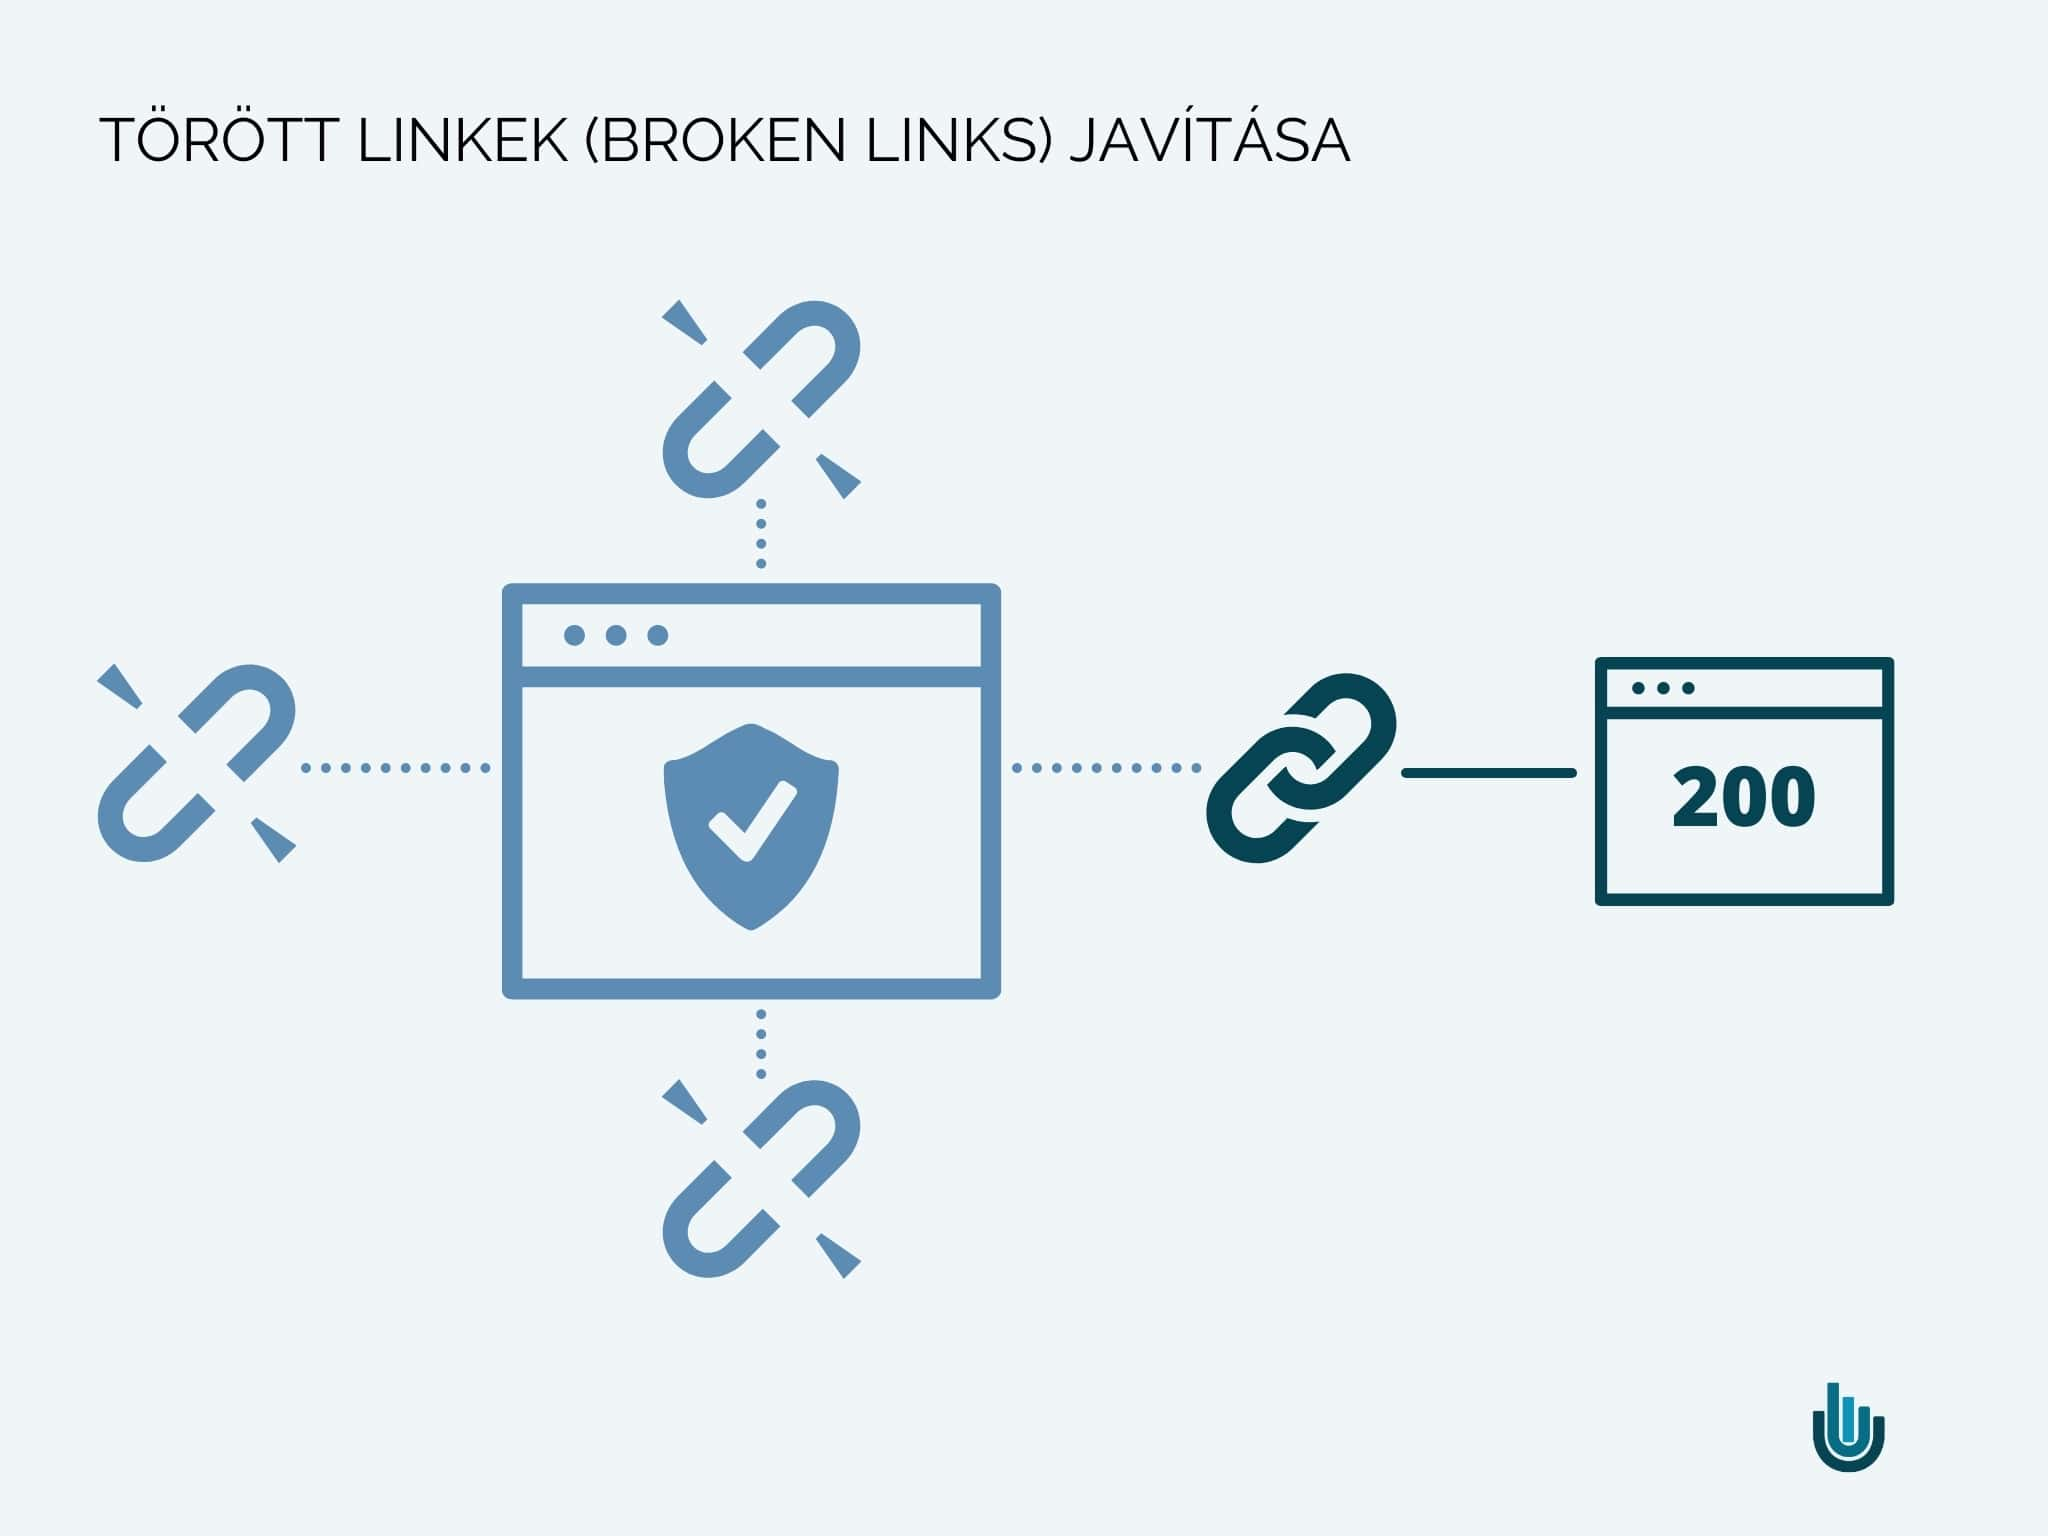 Törött linkek (broken links) javítása linképítés szempontjából